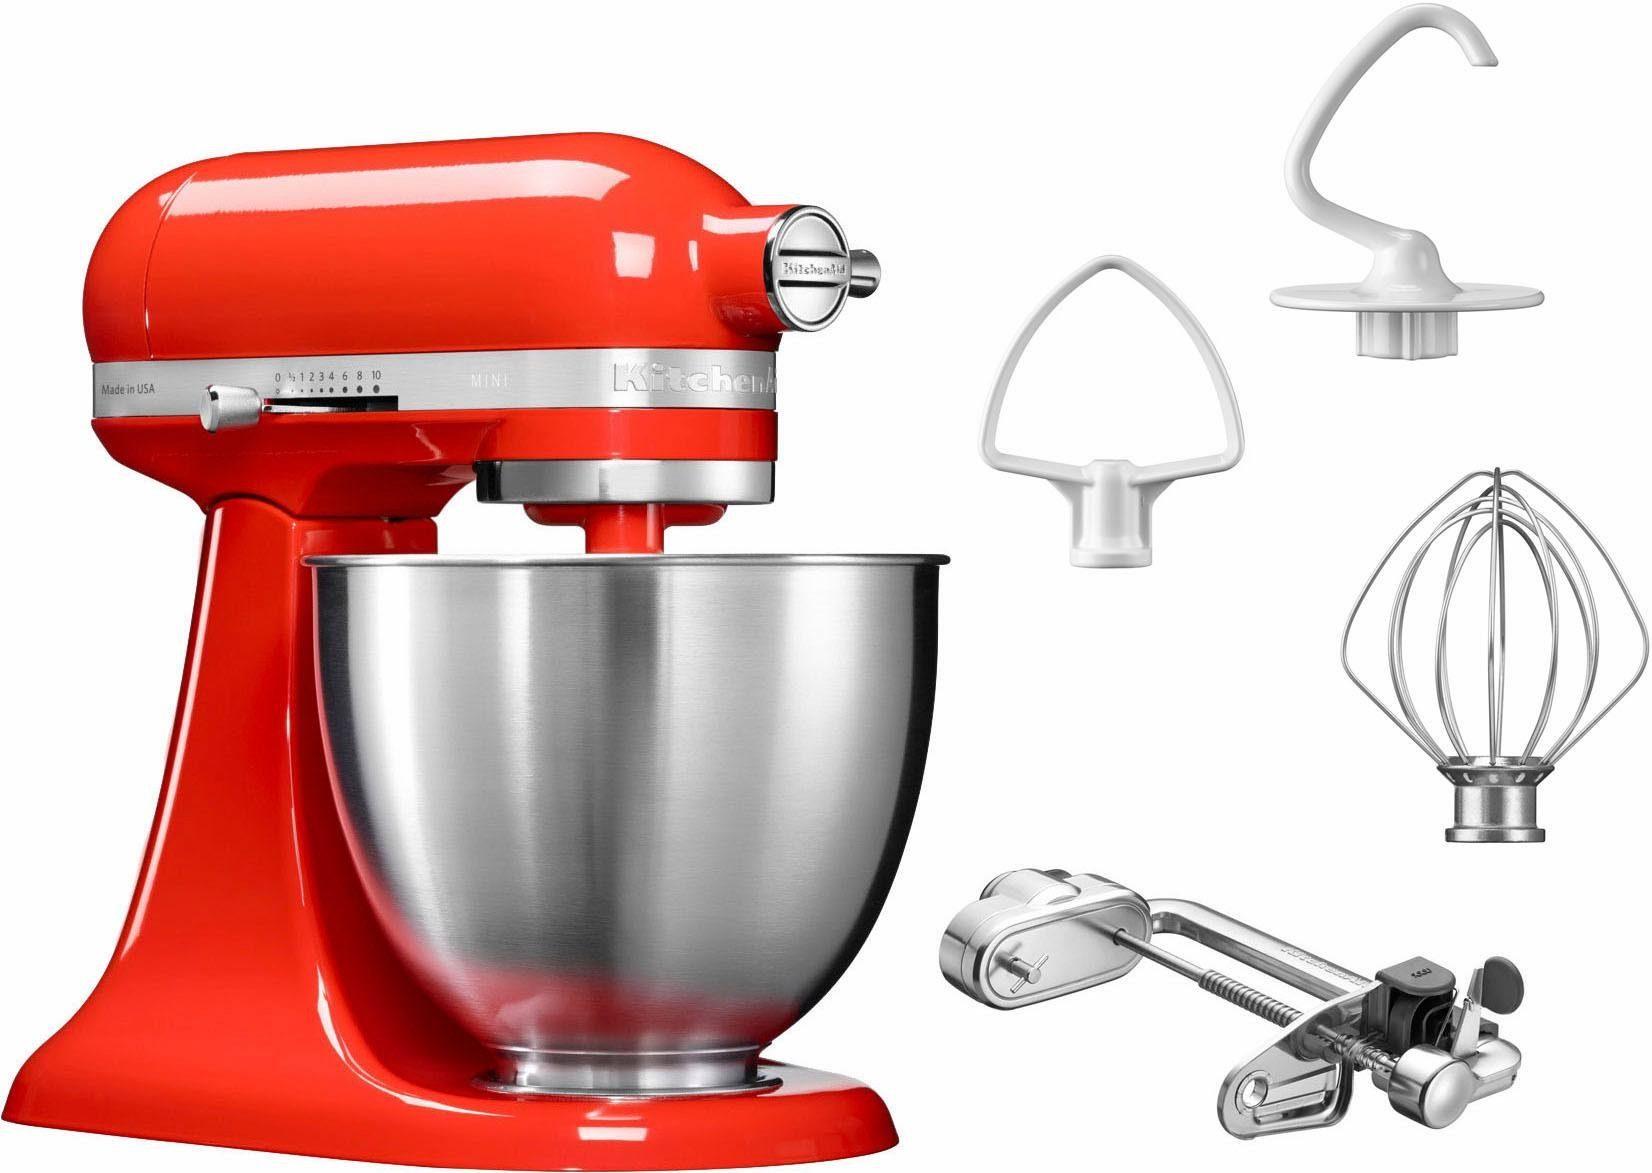 KitchenAid® Küchenmaschine Mini 5KSM3311XEHT, mit Sonderzubehör im Wert von 139,-€ UVP